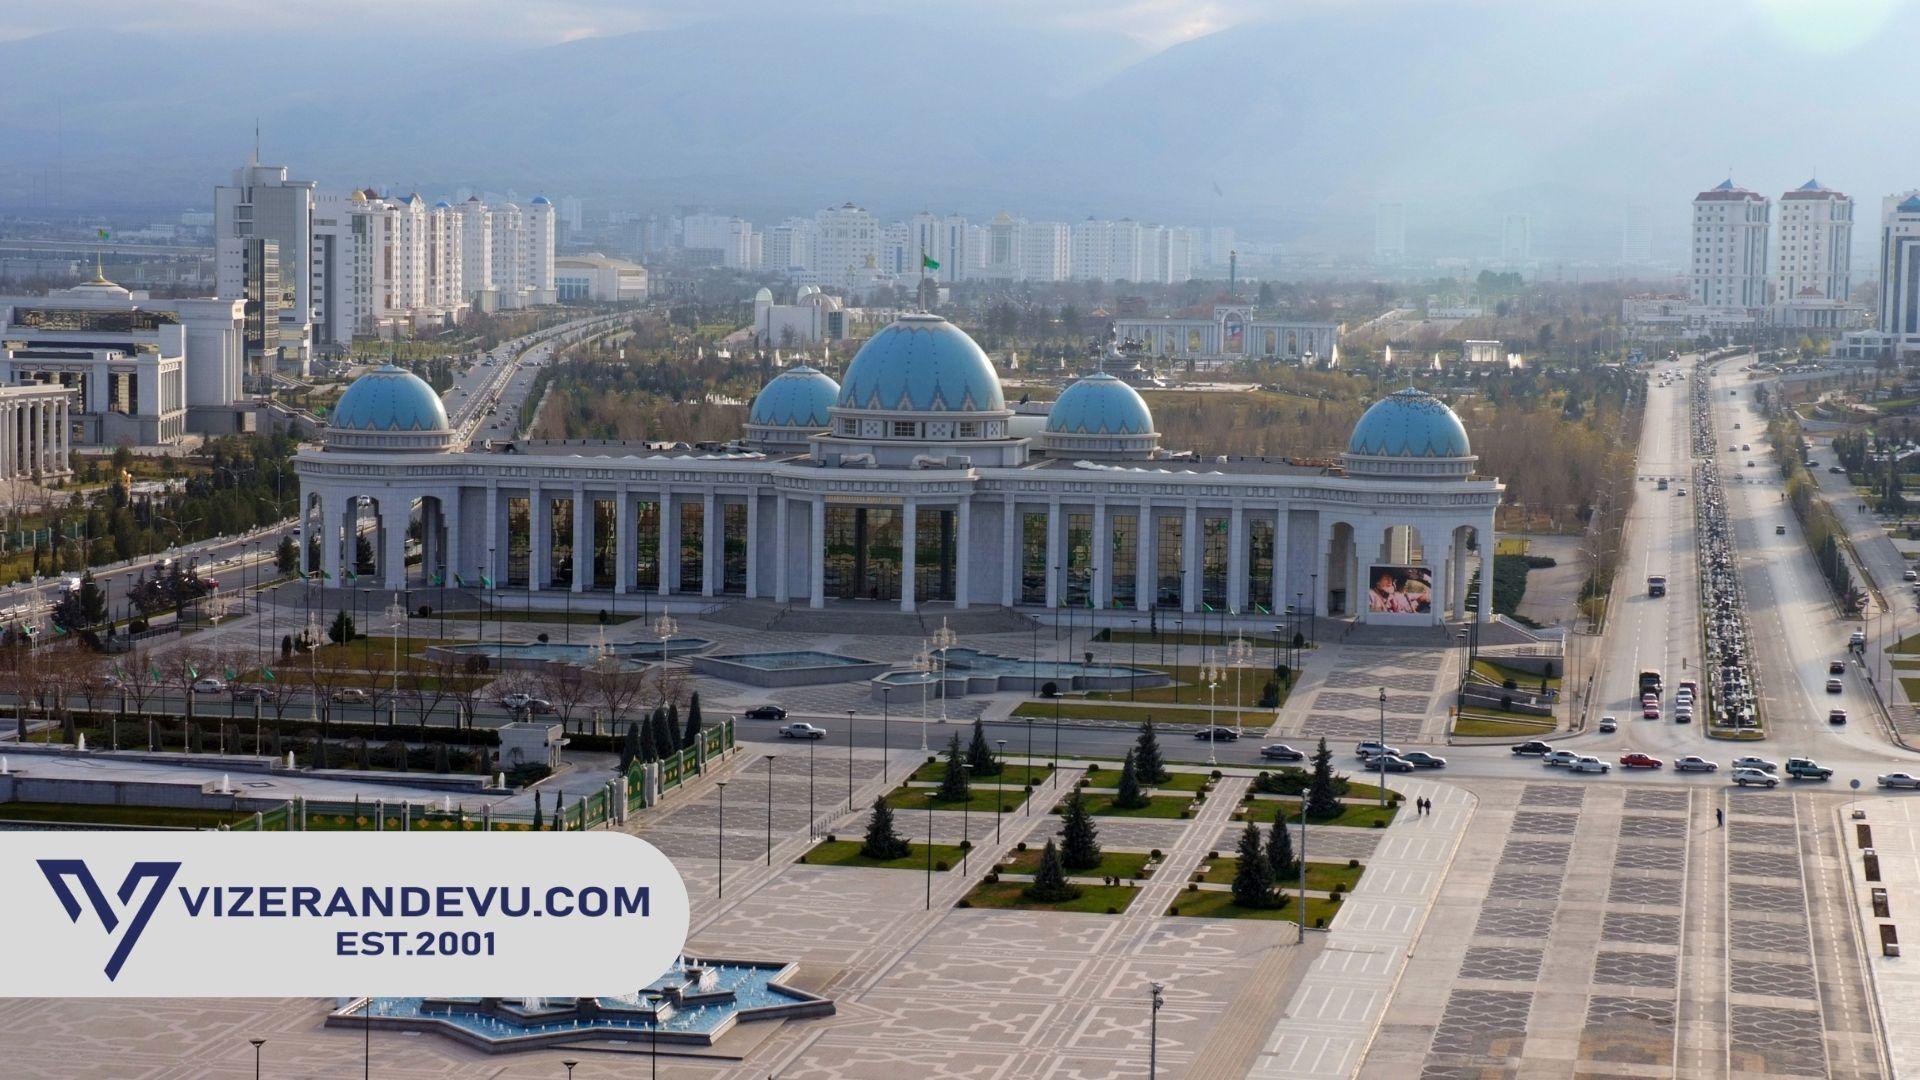 Türkmenistan Vizesi: Randevu ve Başvuru (2021)